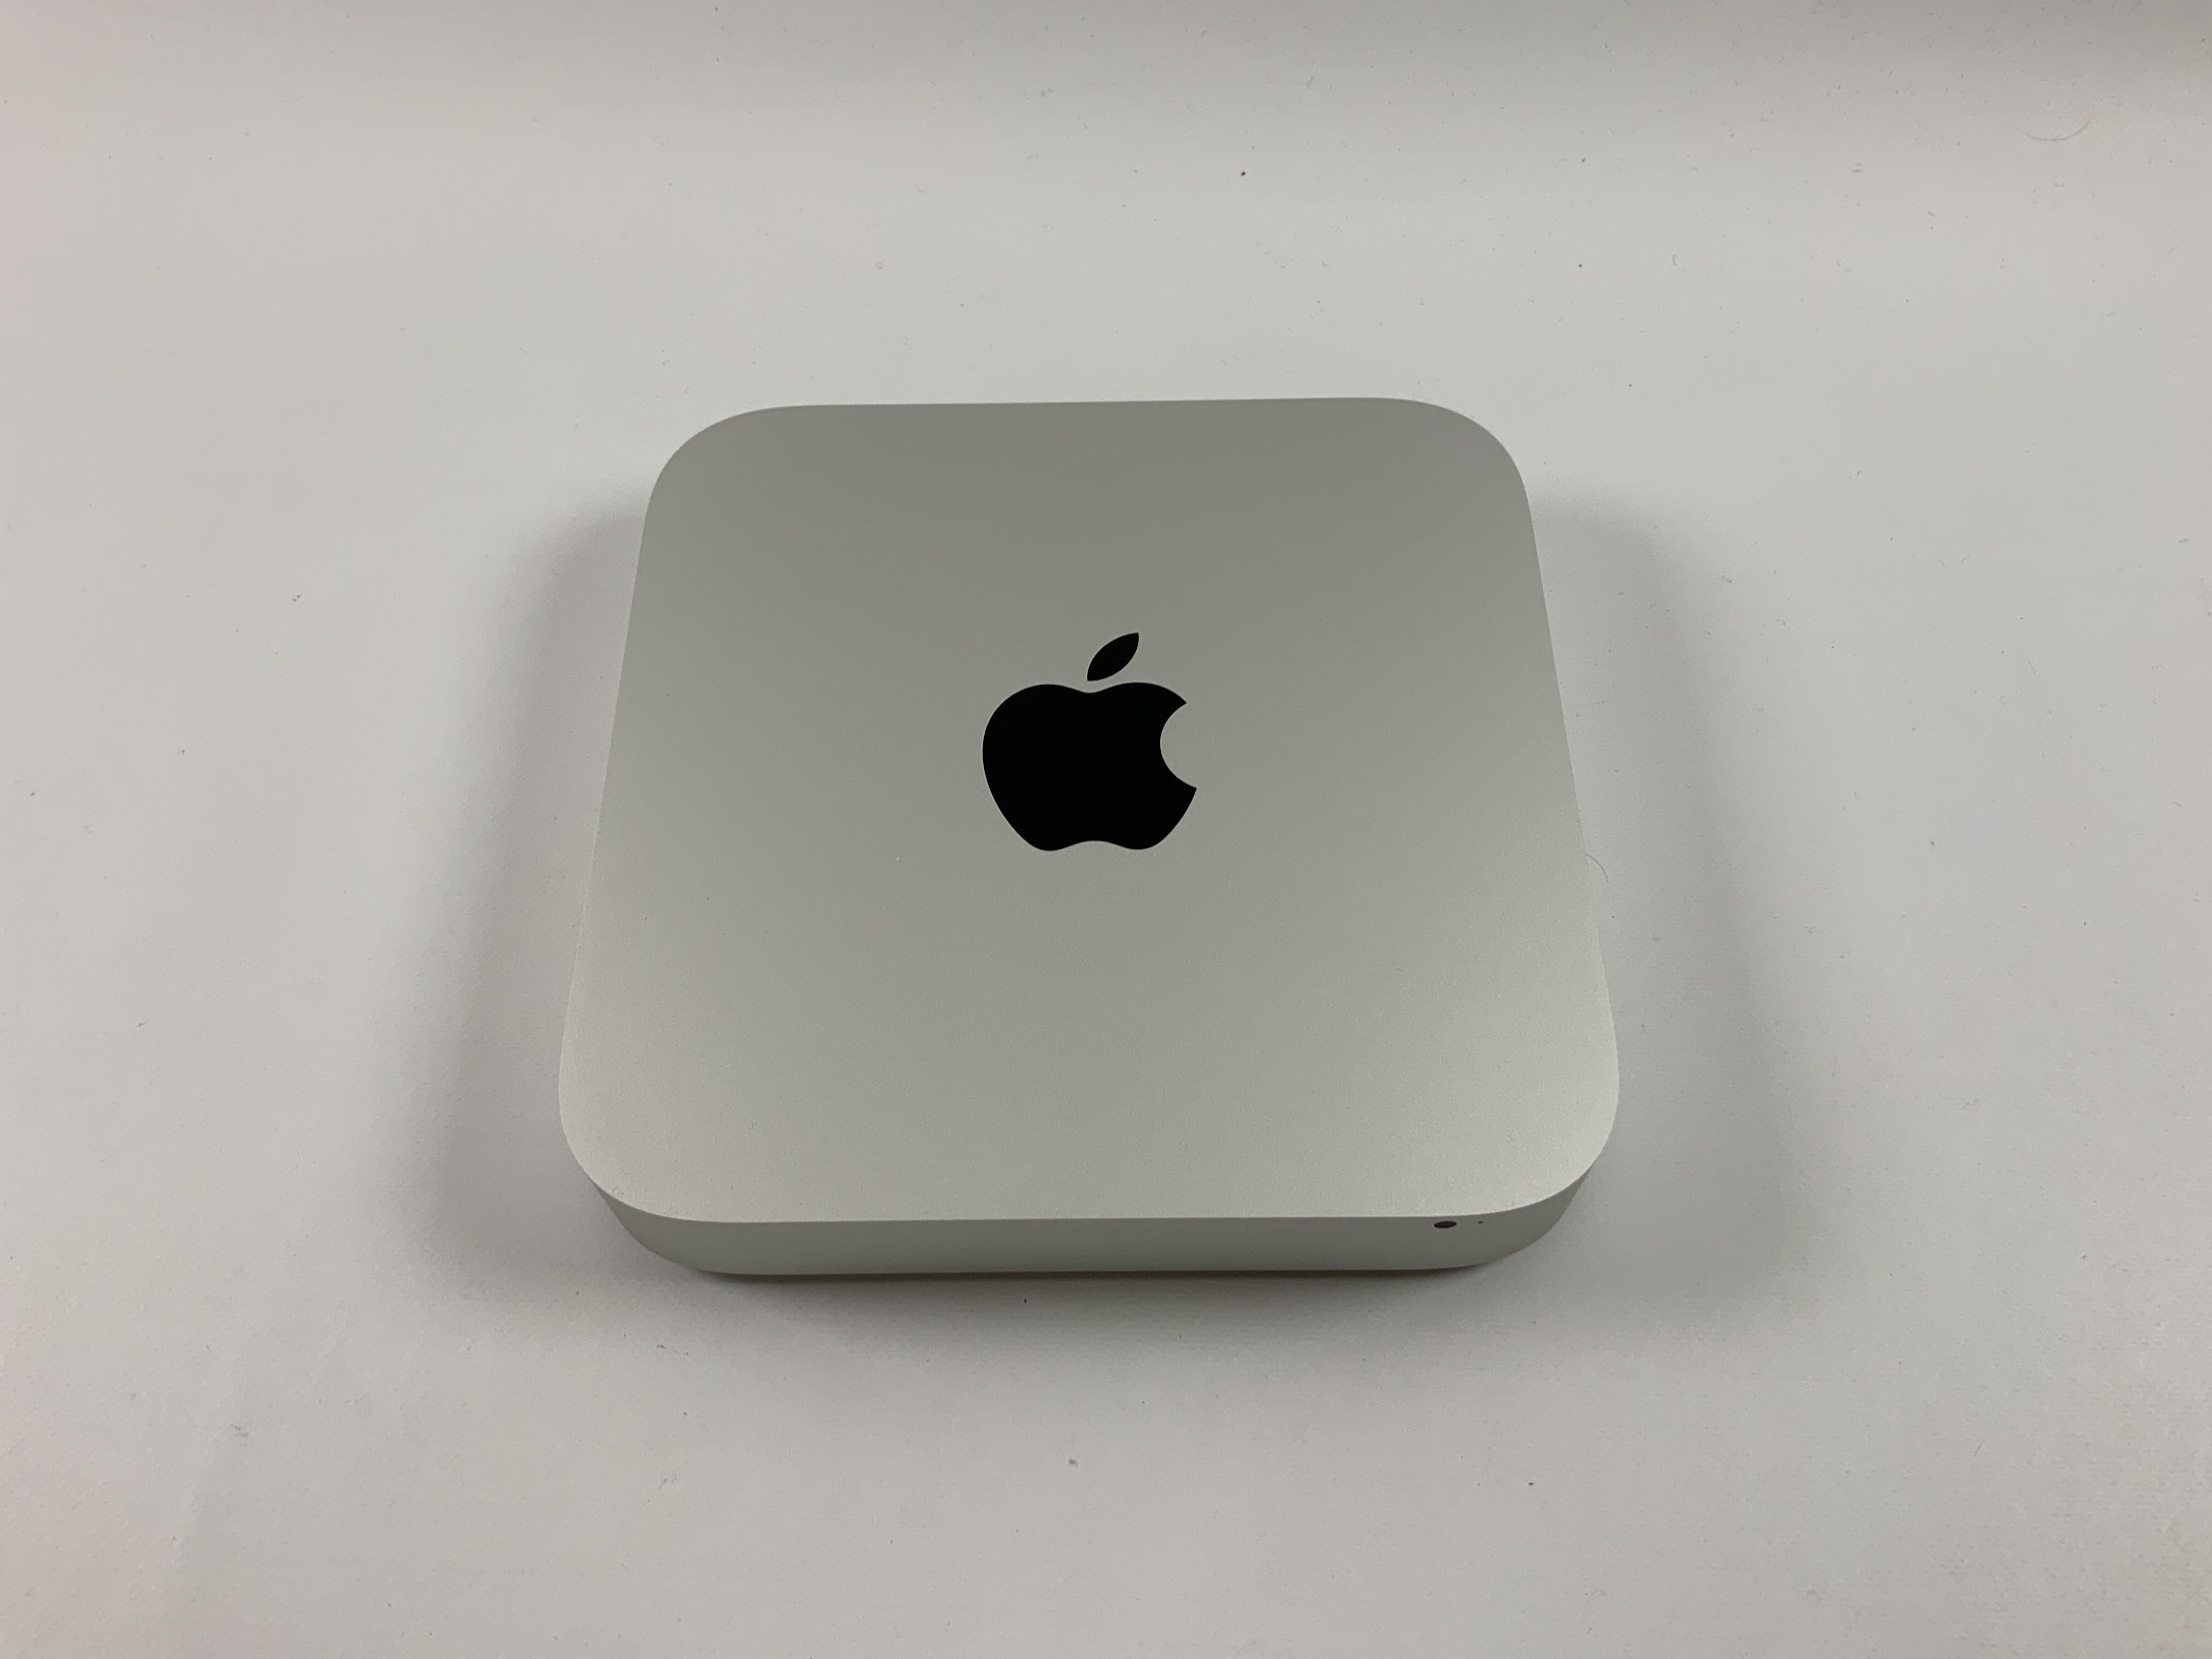 Mac Mini Late 2014 (Intel Core i5 2.6 GHz 8 GB RAM 256 GB SSD), Intel Core i5 2.6 GHz, 8 GB RAM, 256 GB SSD, Kuva 1